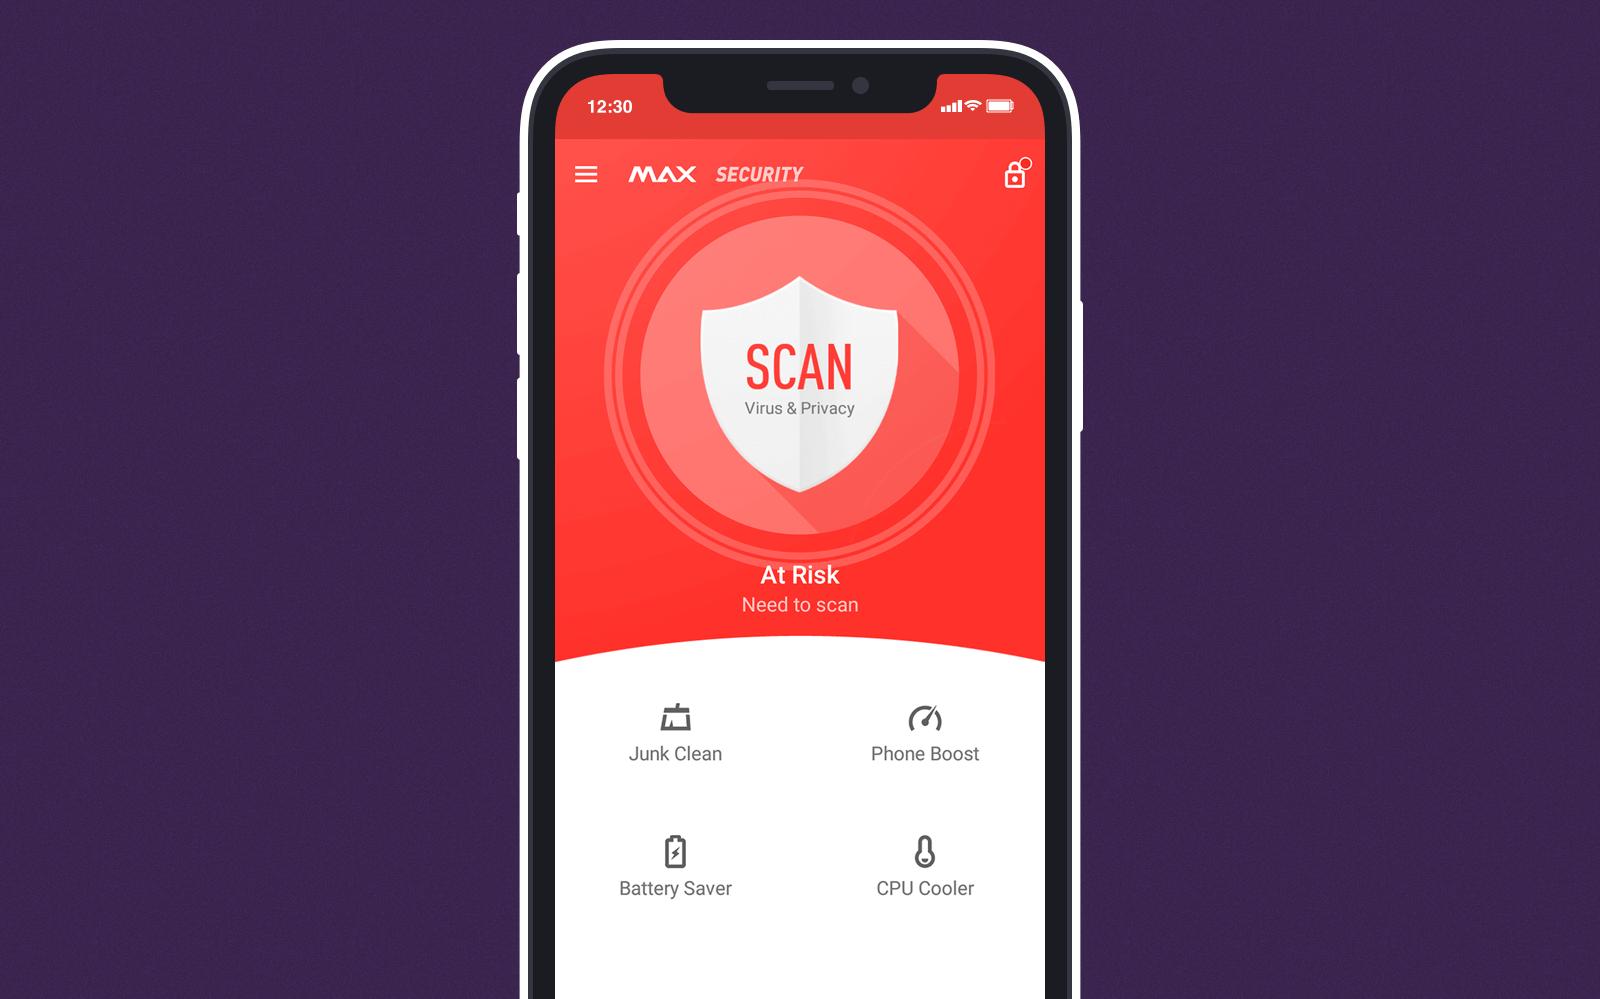 Antivirus in phone cleaner app